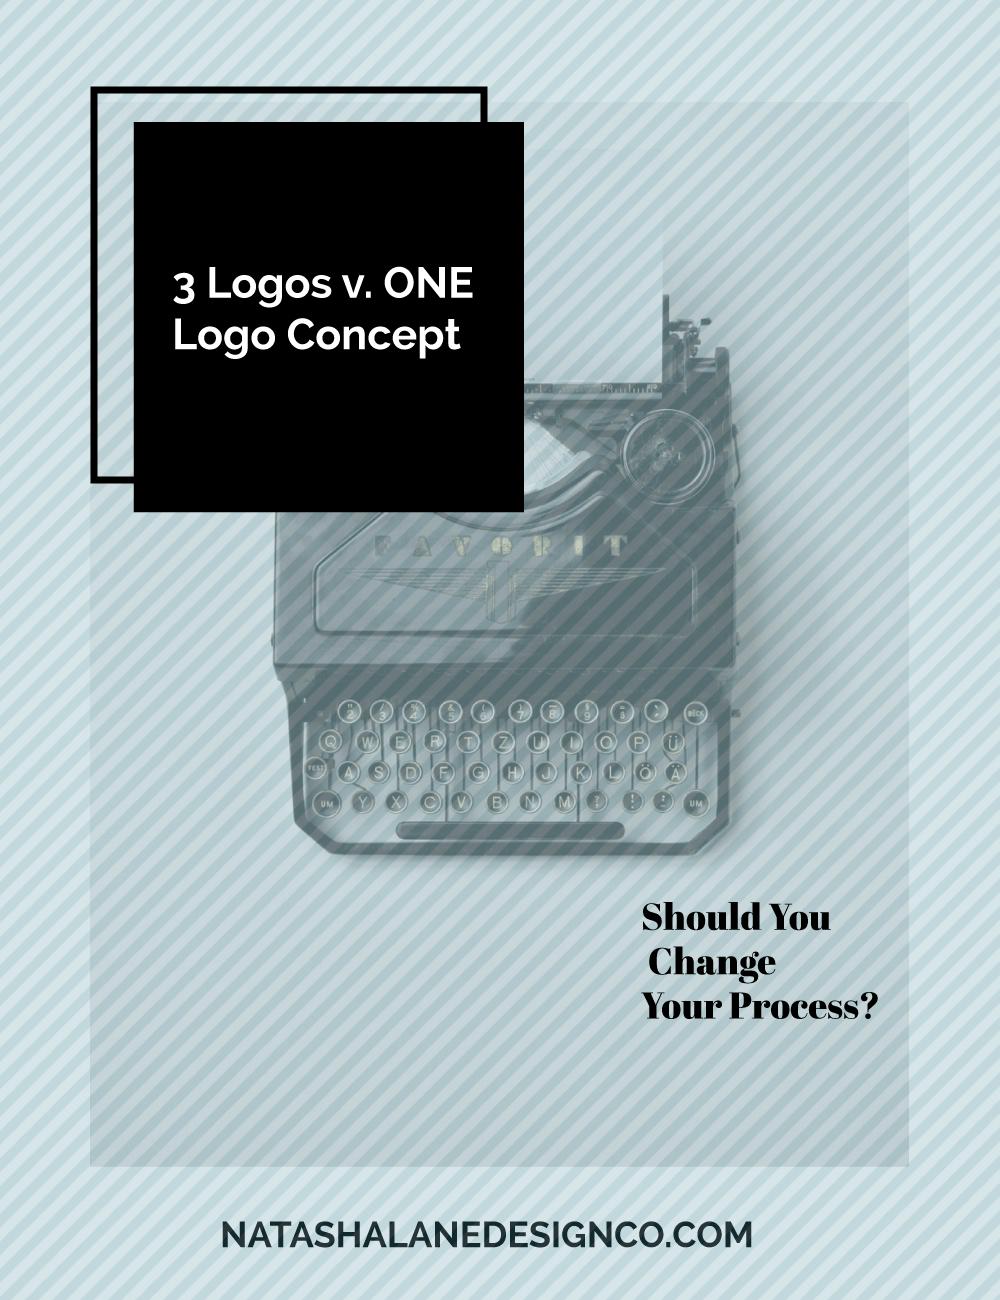 3 logos vs 1 logo concept